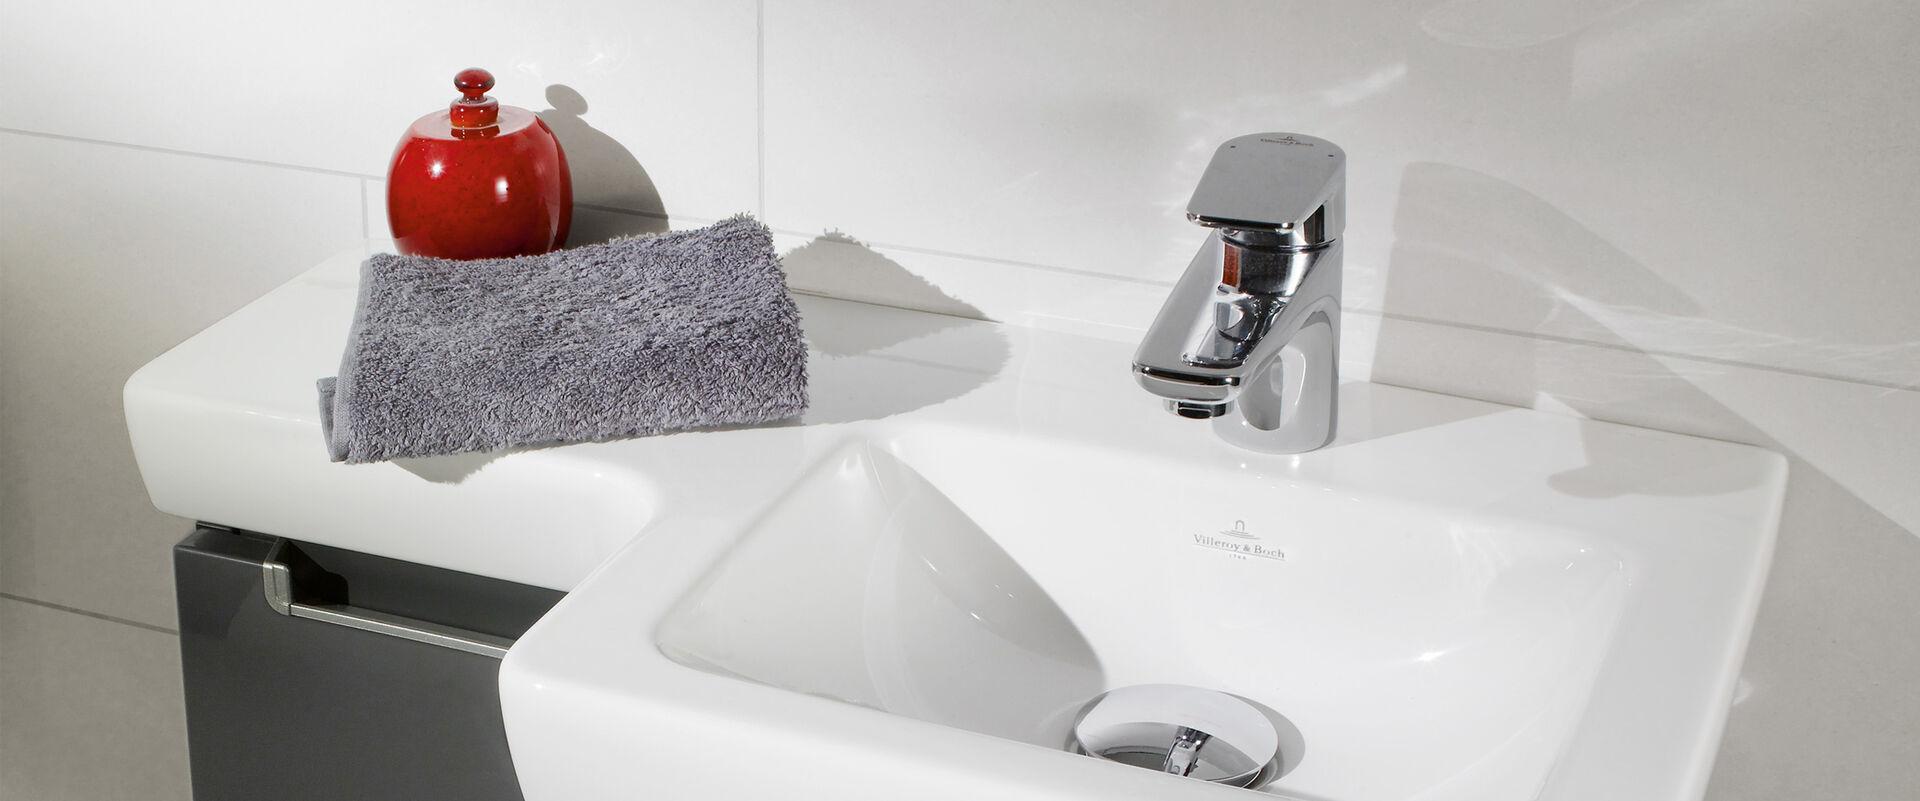 Villeroy&Boch Subway 2.0: Planungsvielfalt für Ihr Bad